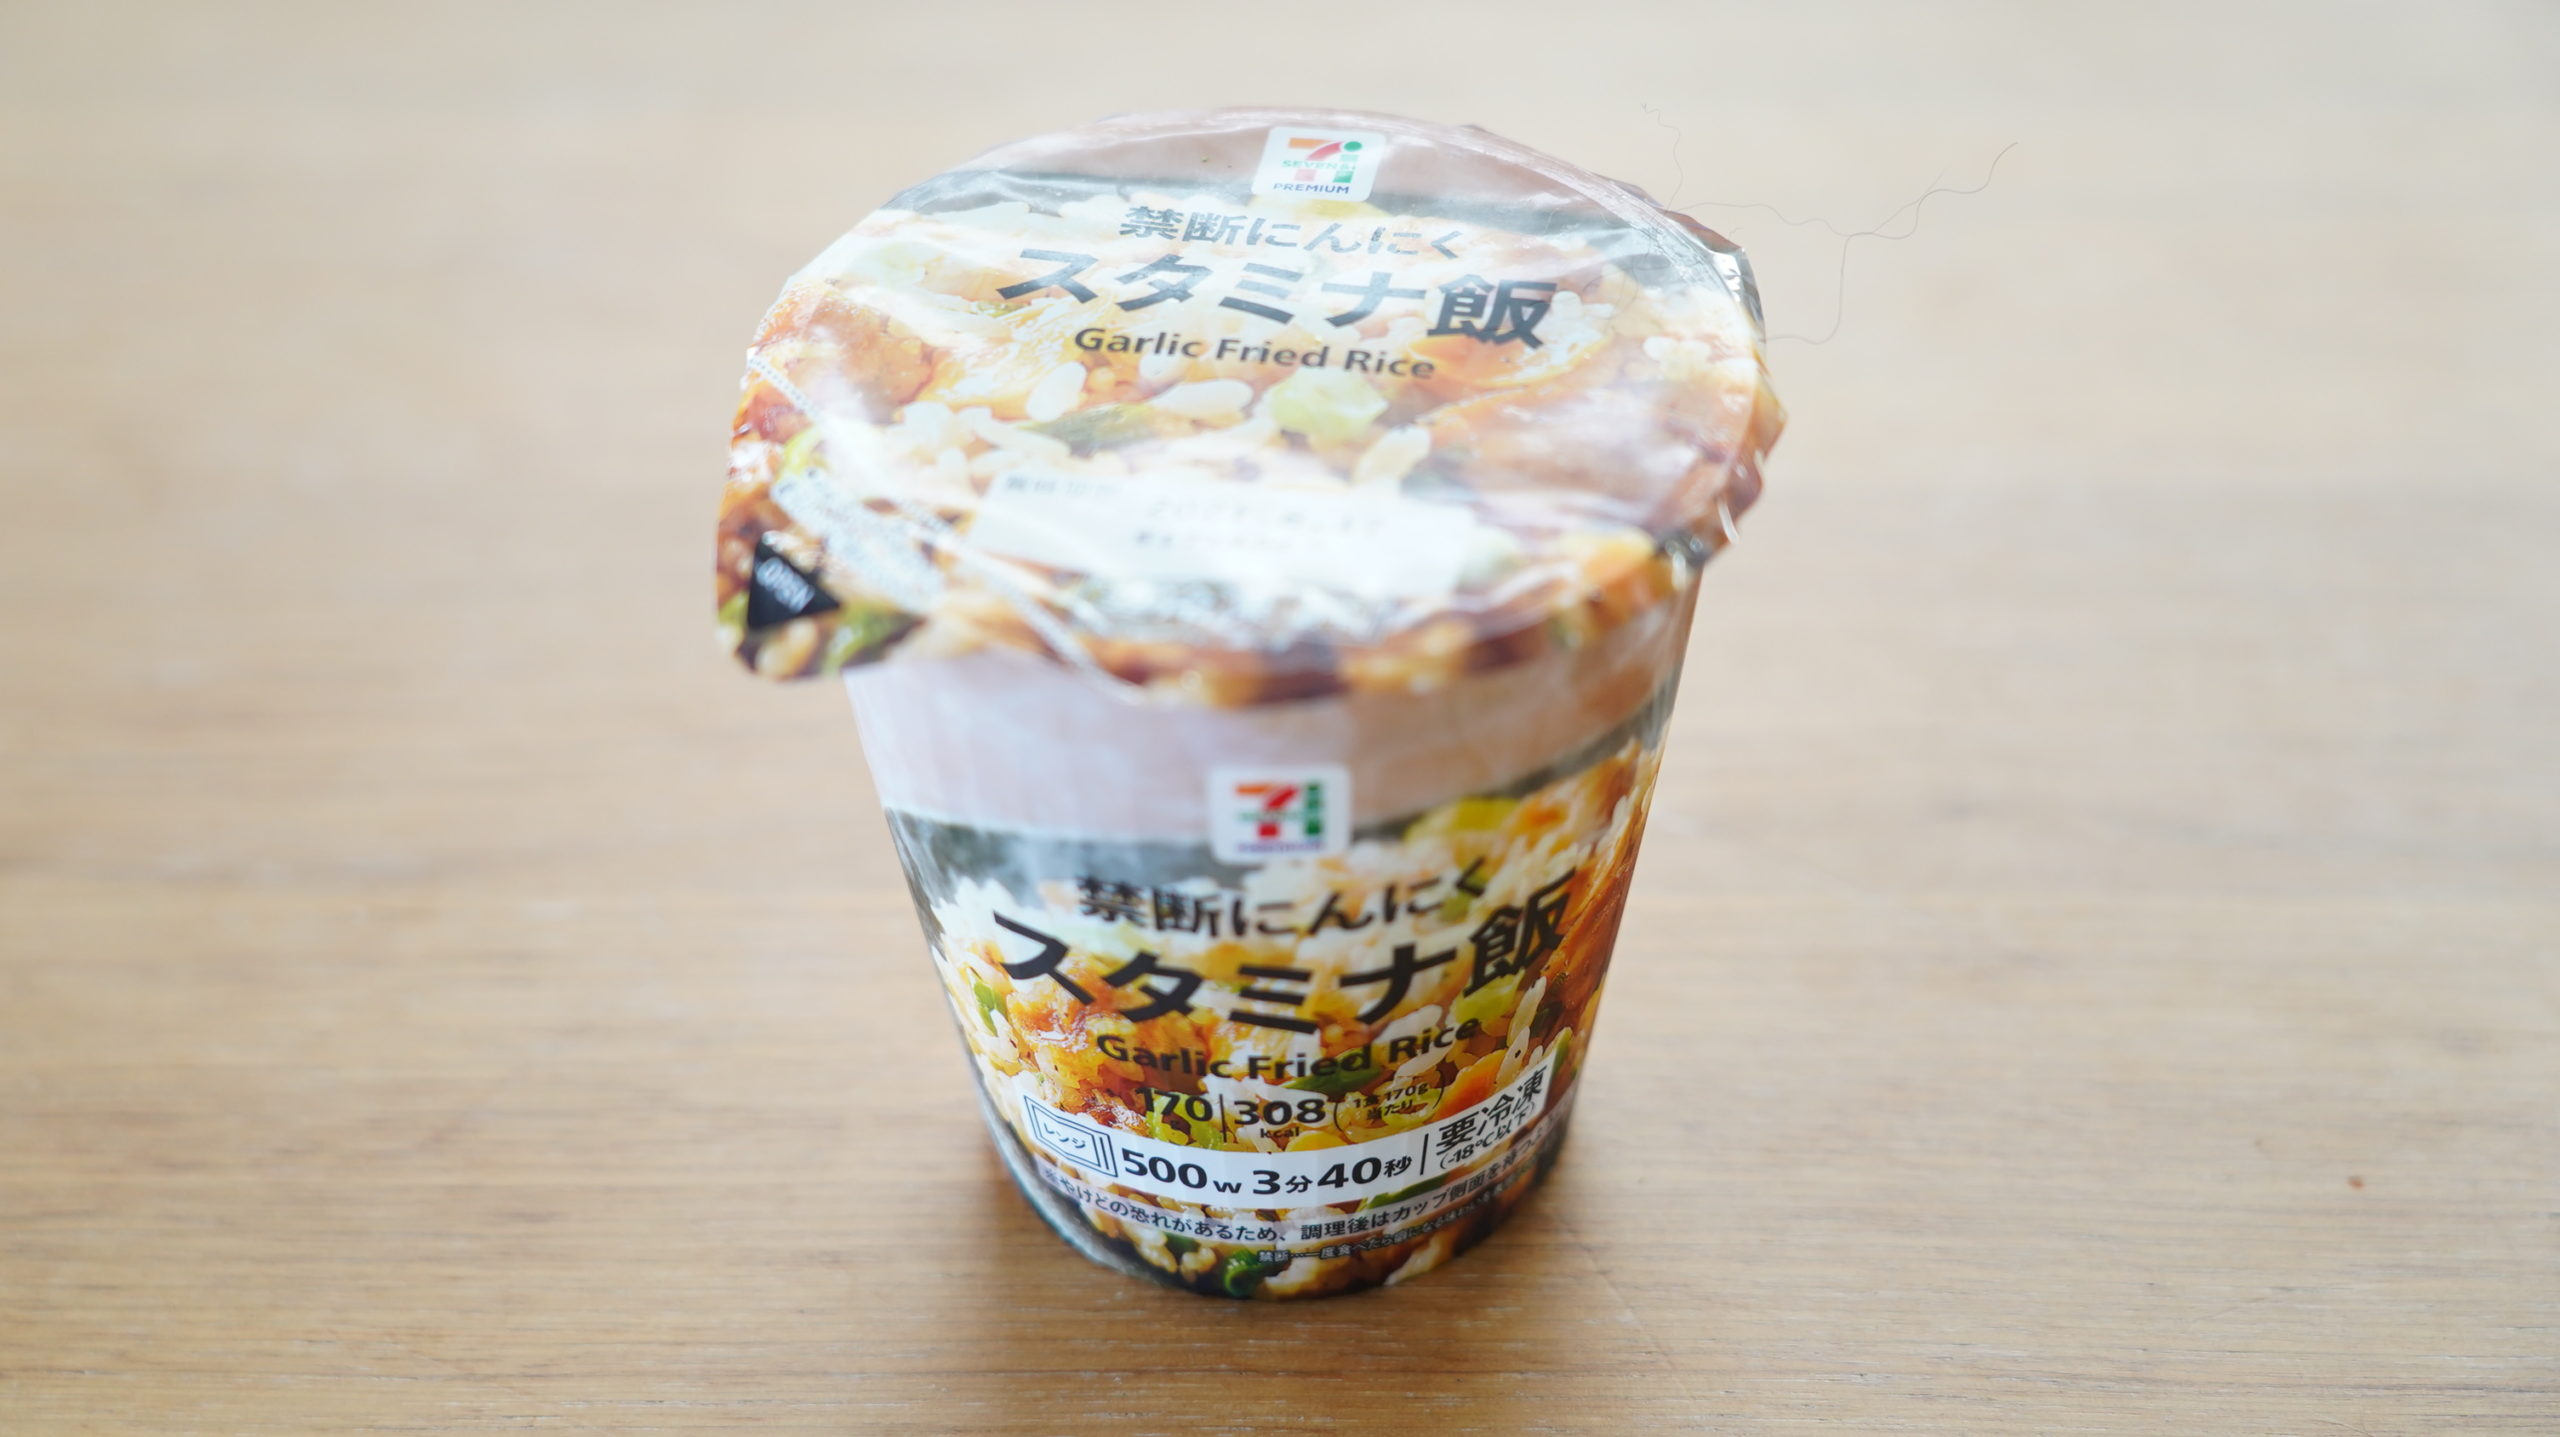 セブンイレブンの冷凍食品「禁断にんにくスタミナ飯」のパッケージ写真